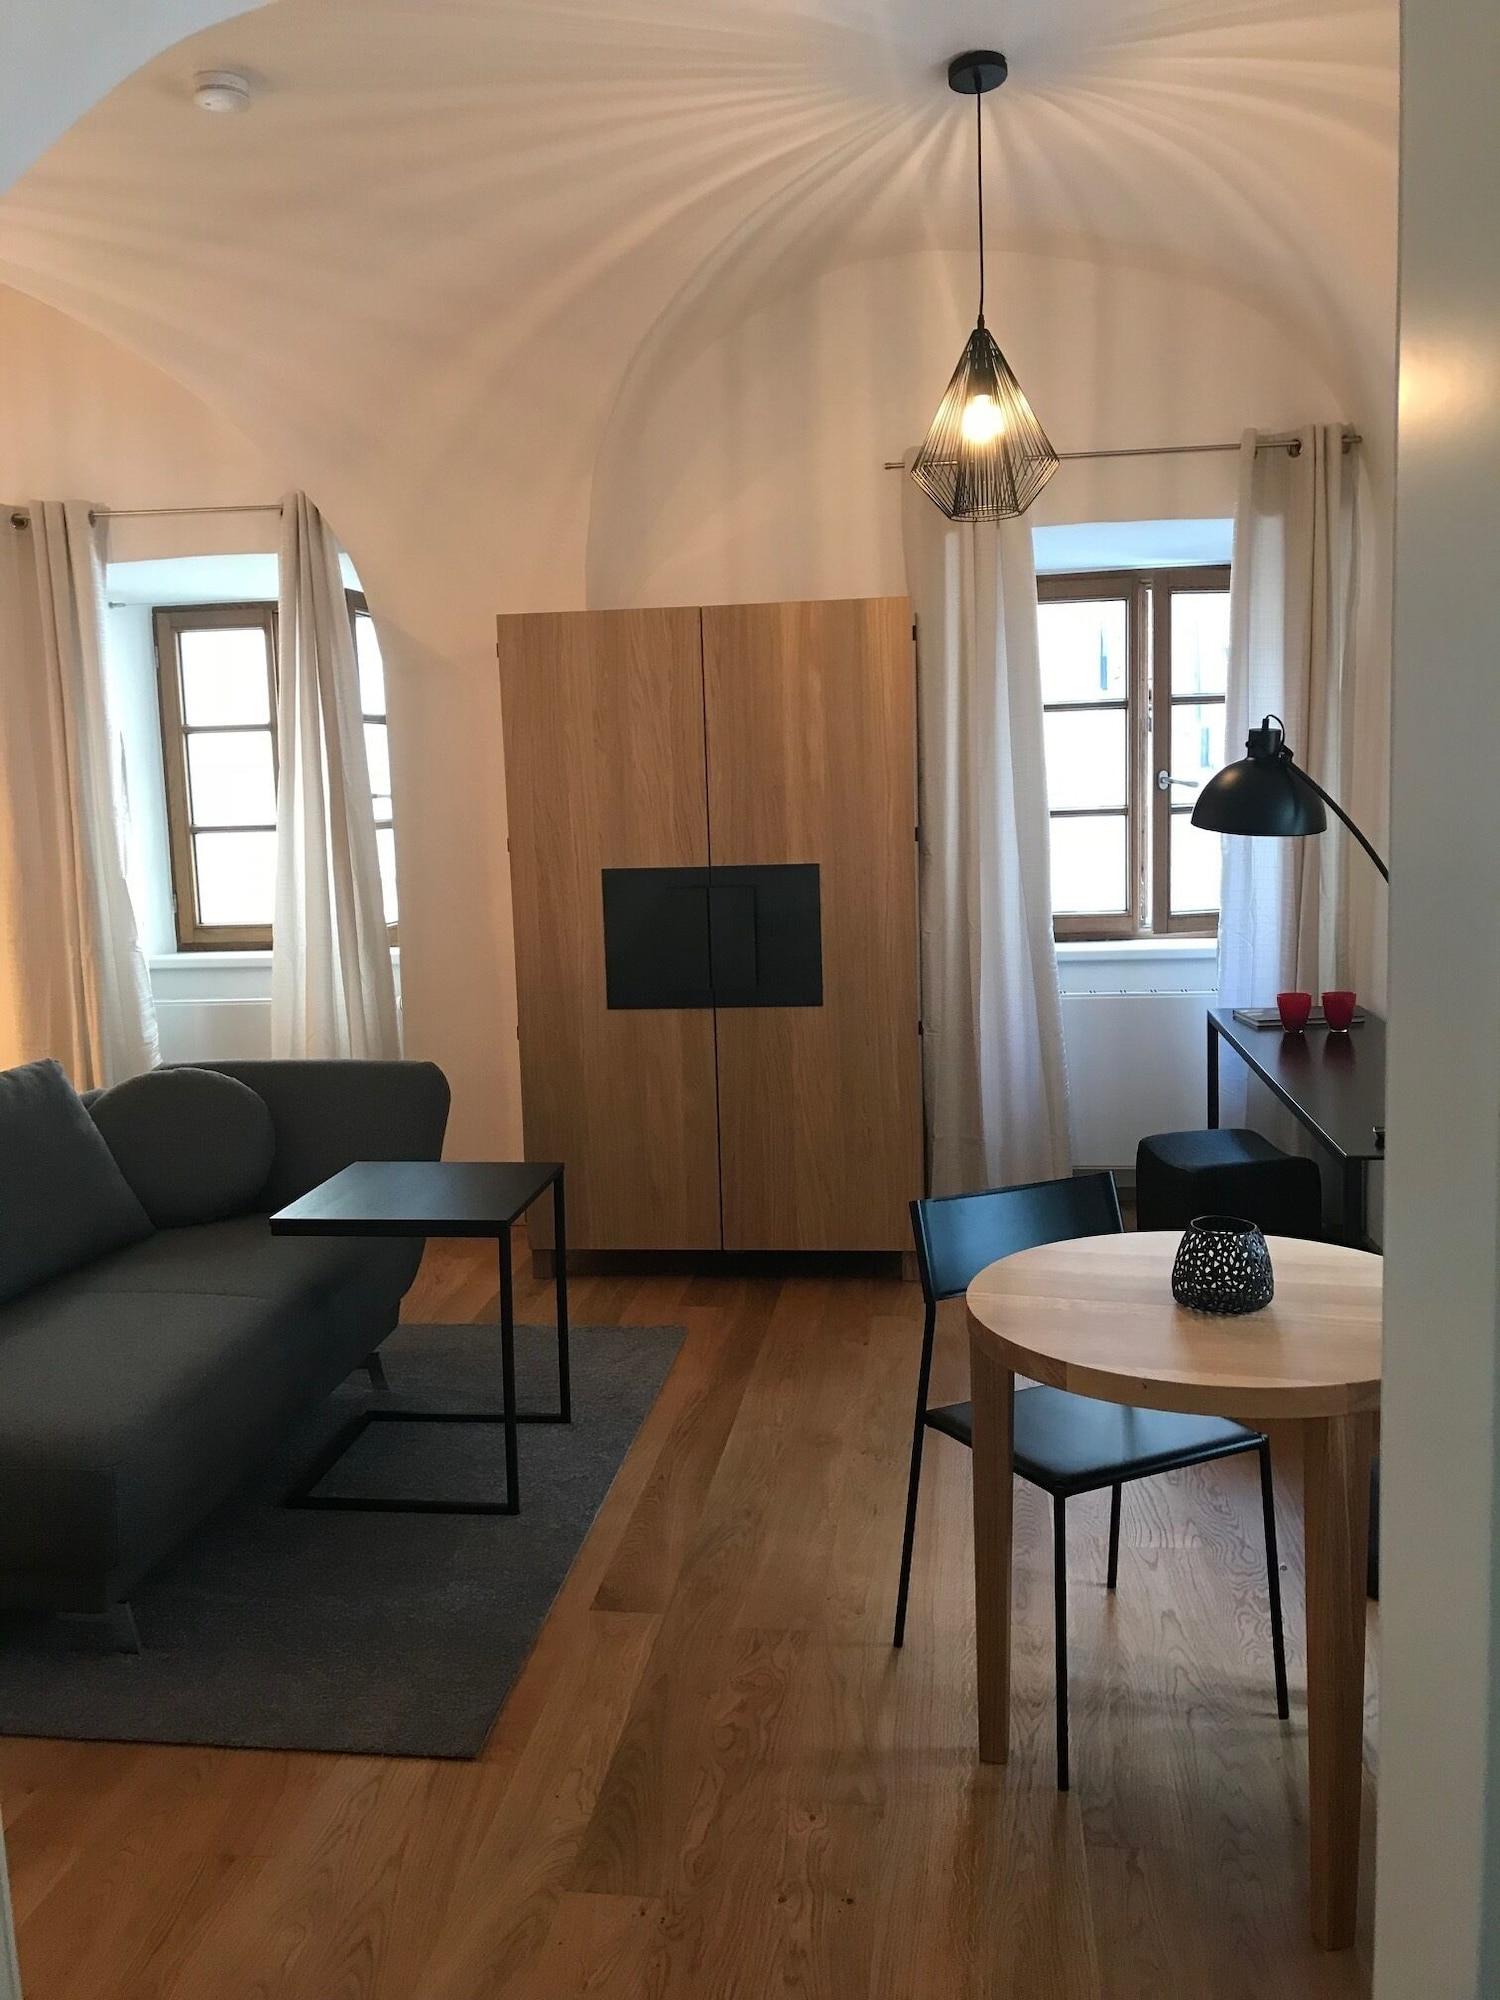 BARONHAUS Aparthotel & Suites, Passau